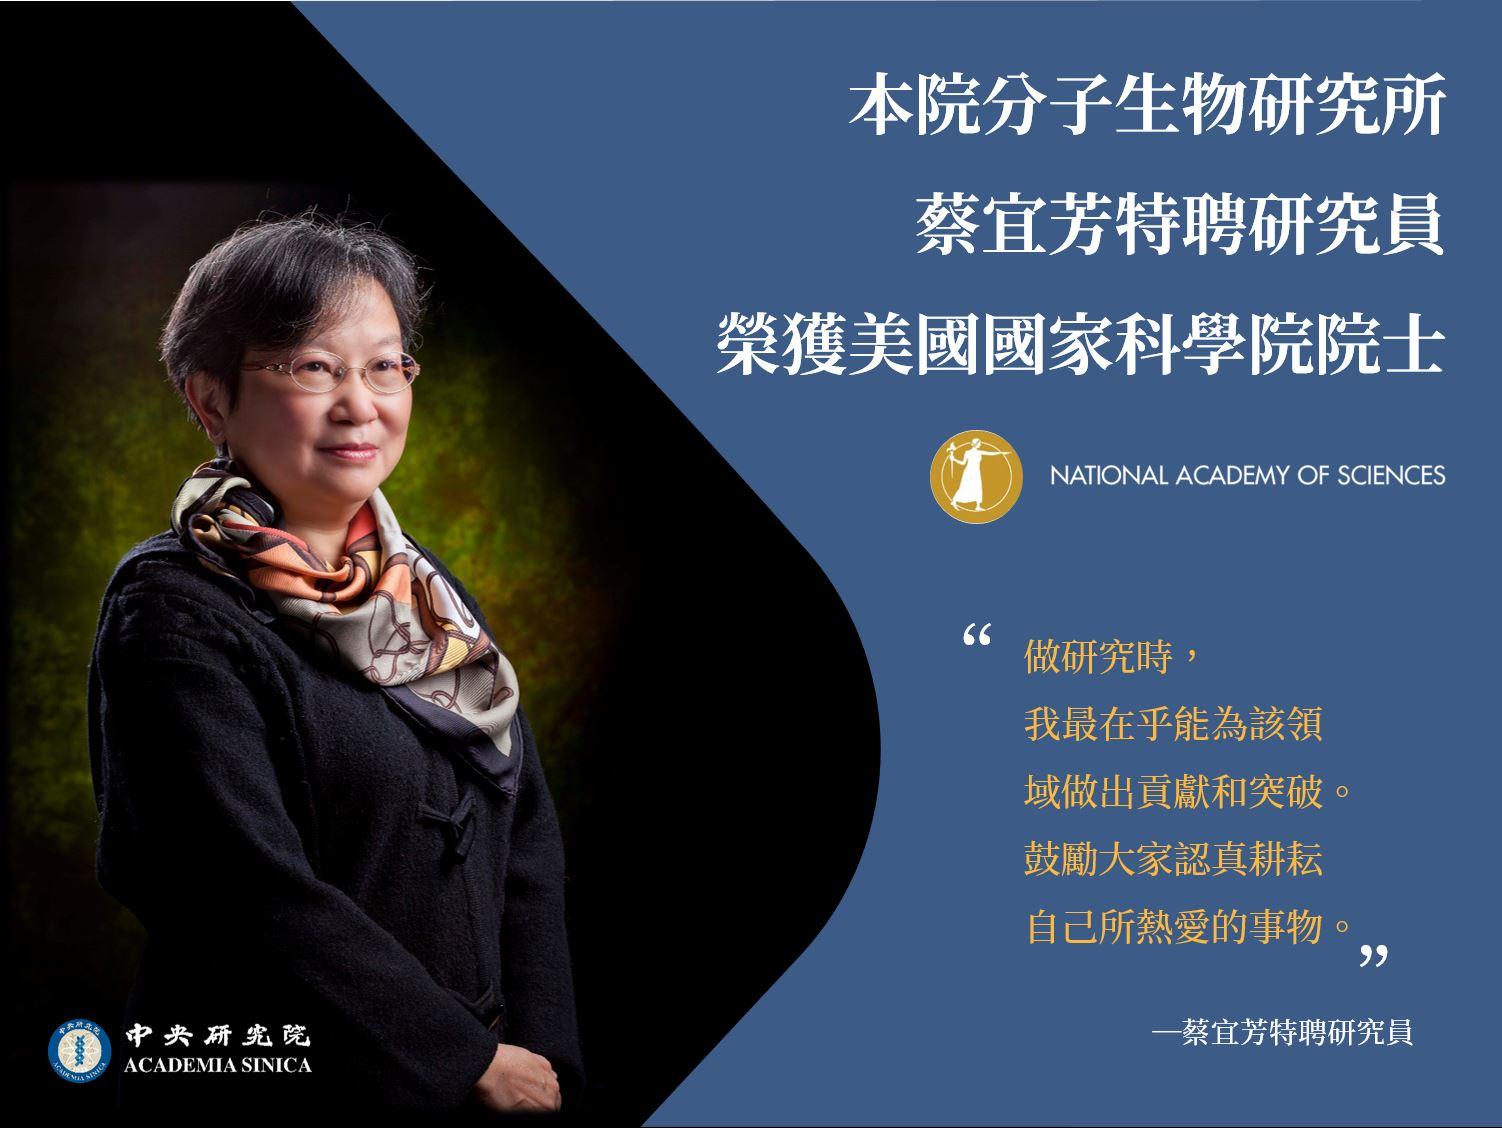 蔡宜芳是享誉国际的植物学家,甫获选为美国国家科学院院士。(台湾中研究提供)